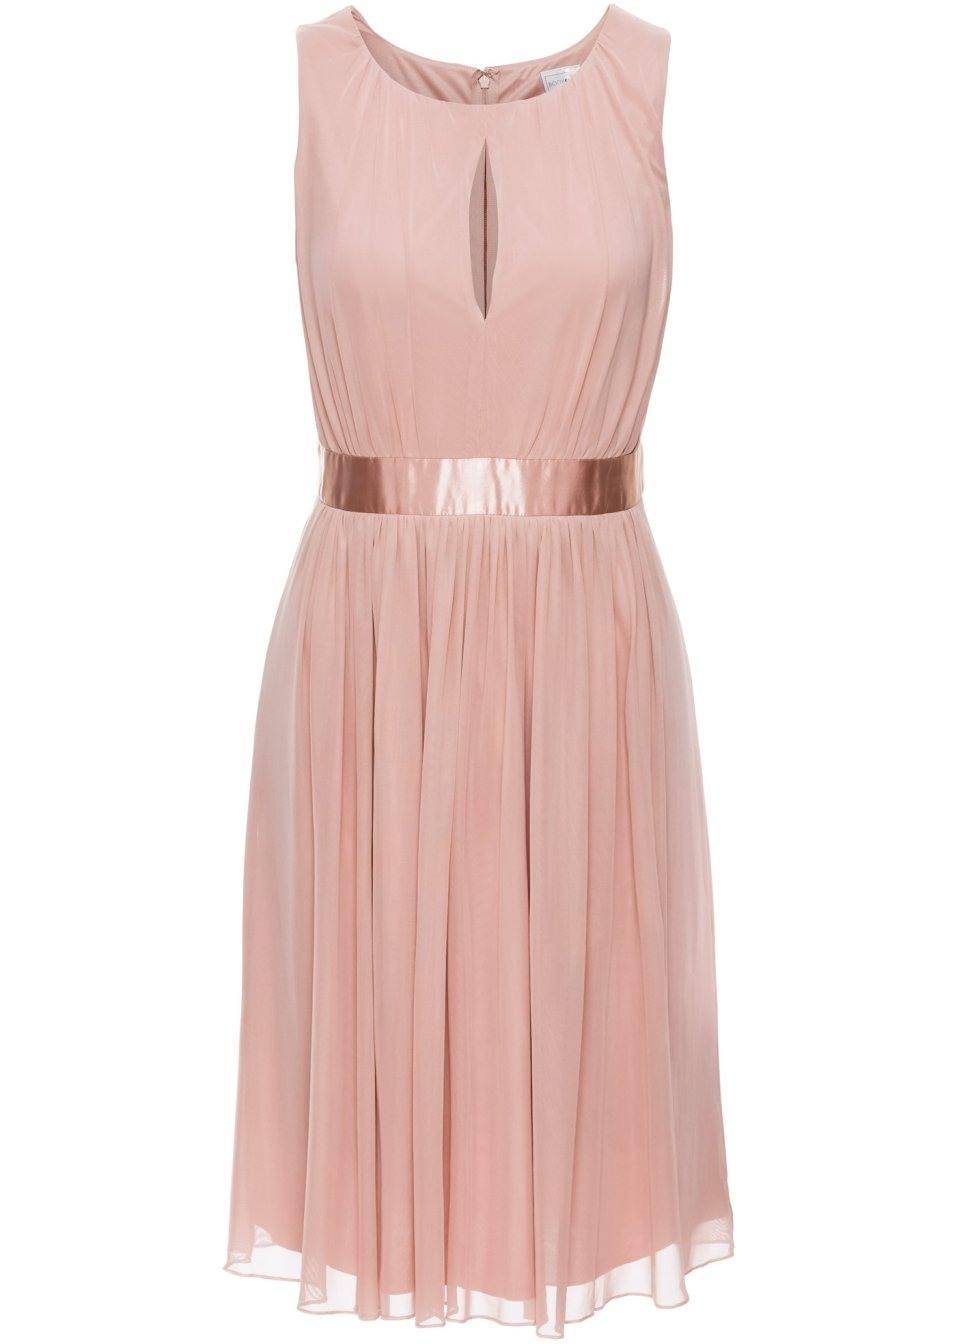 10 Luxurius Feierliches Kleid Ärmel17 Einzigartig Feierliches Kleid Vertrieb